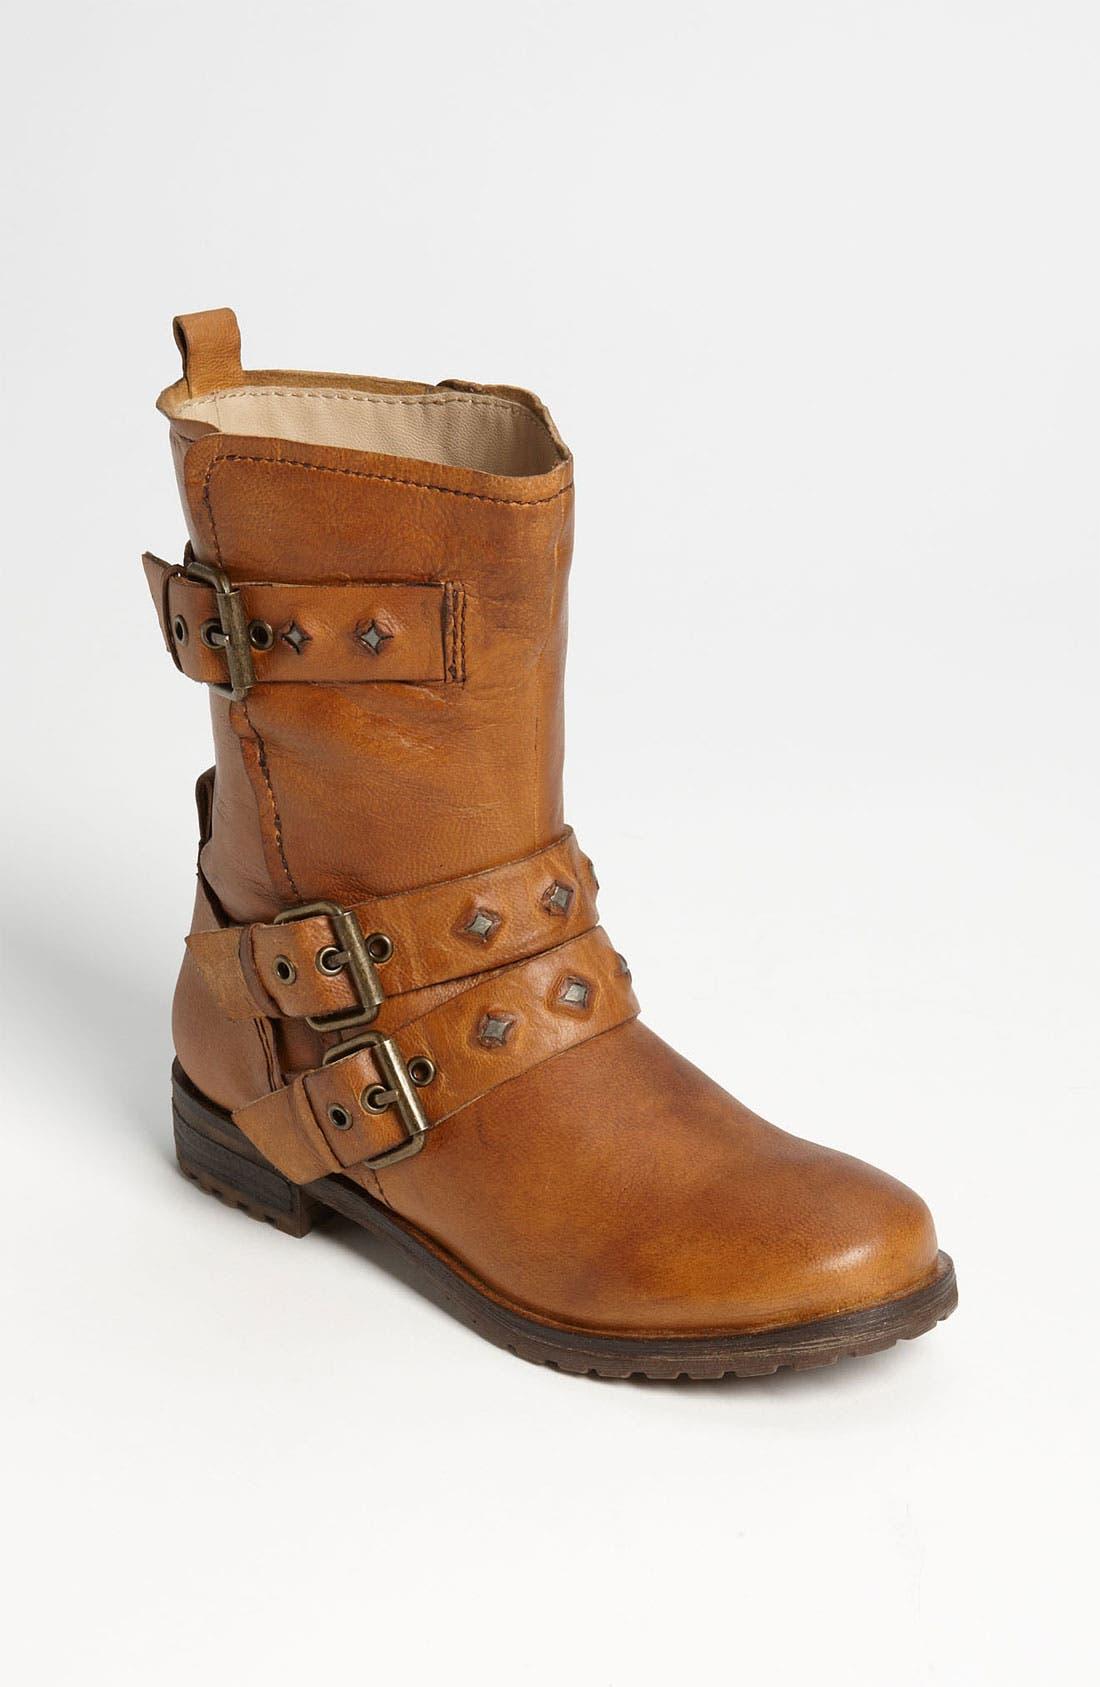 Alternate Image 1 Selected - Steve Madden 'Astorria' Boot